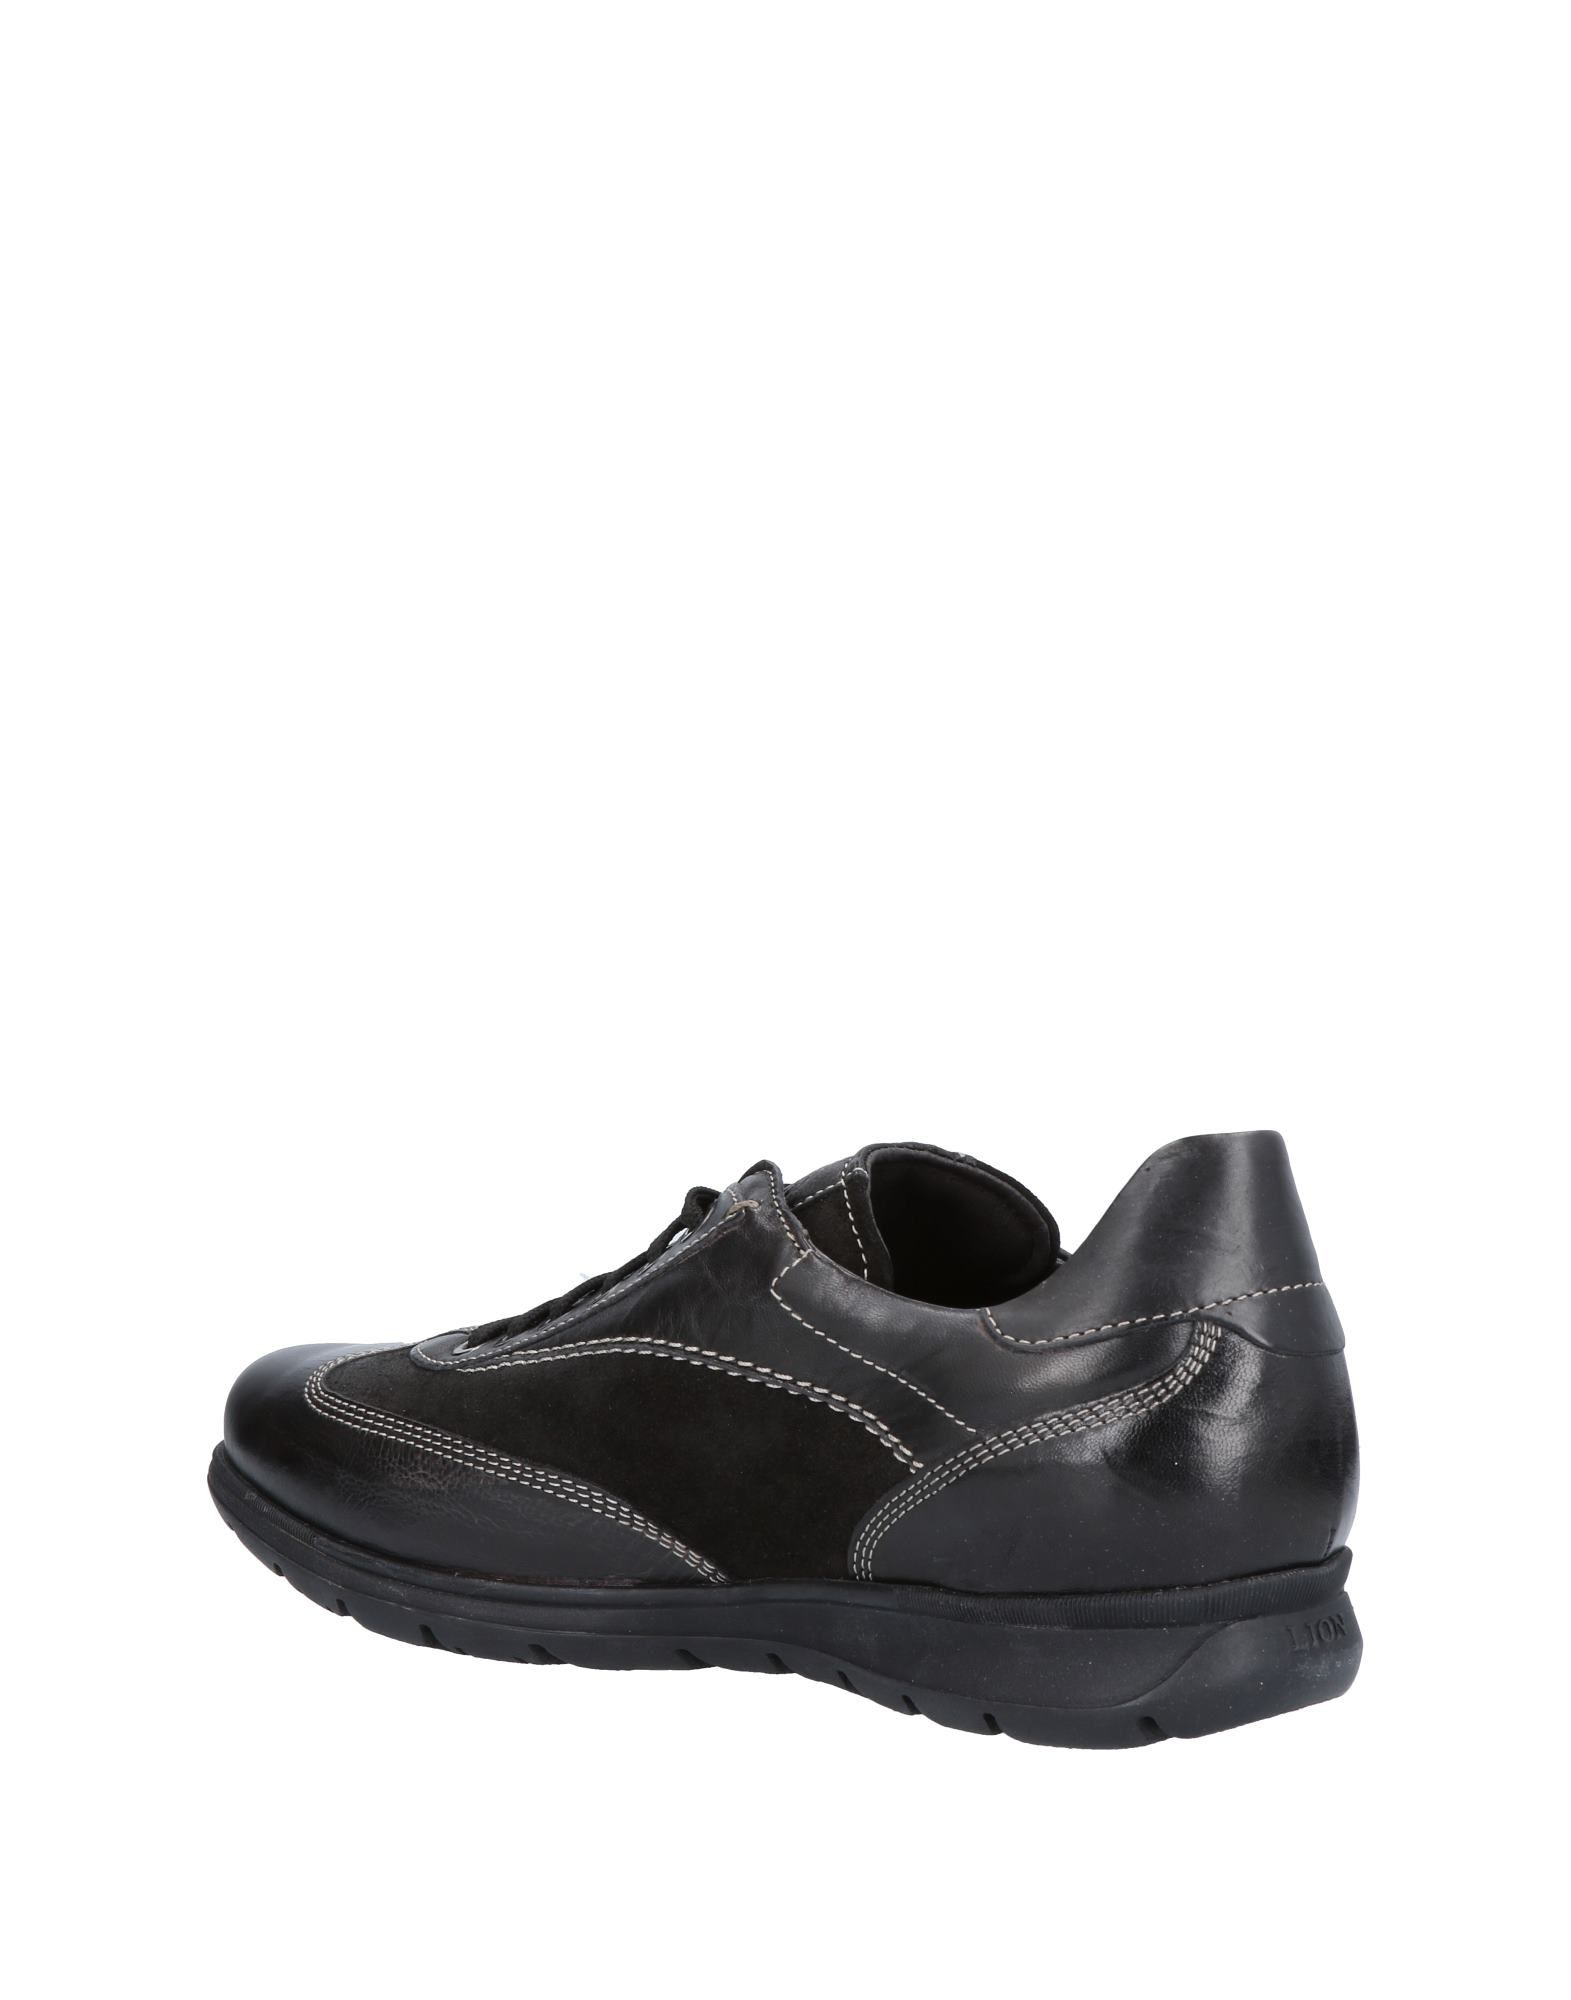 Scarpe economiche e resistenti Sneakers Lion Uomo - 11488995AW